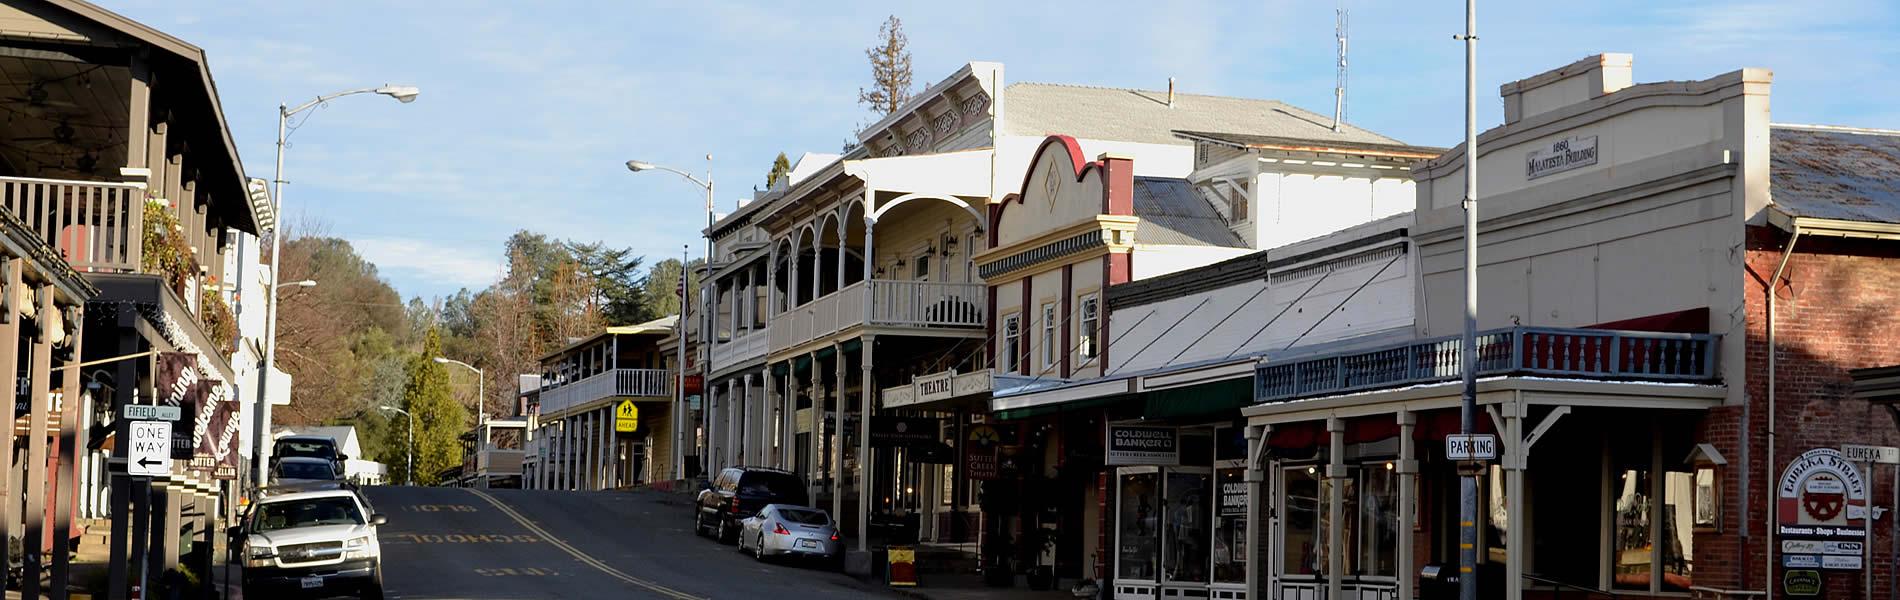 city of sutter creek main street